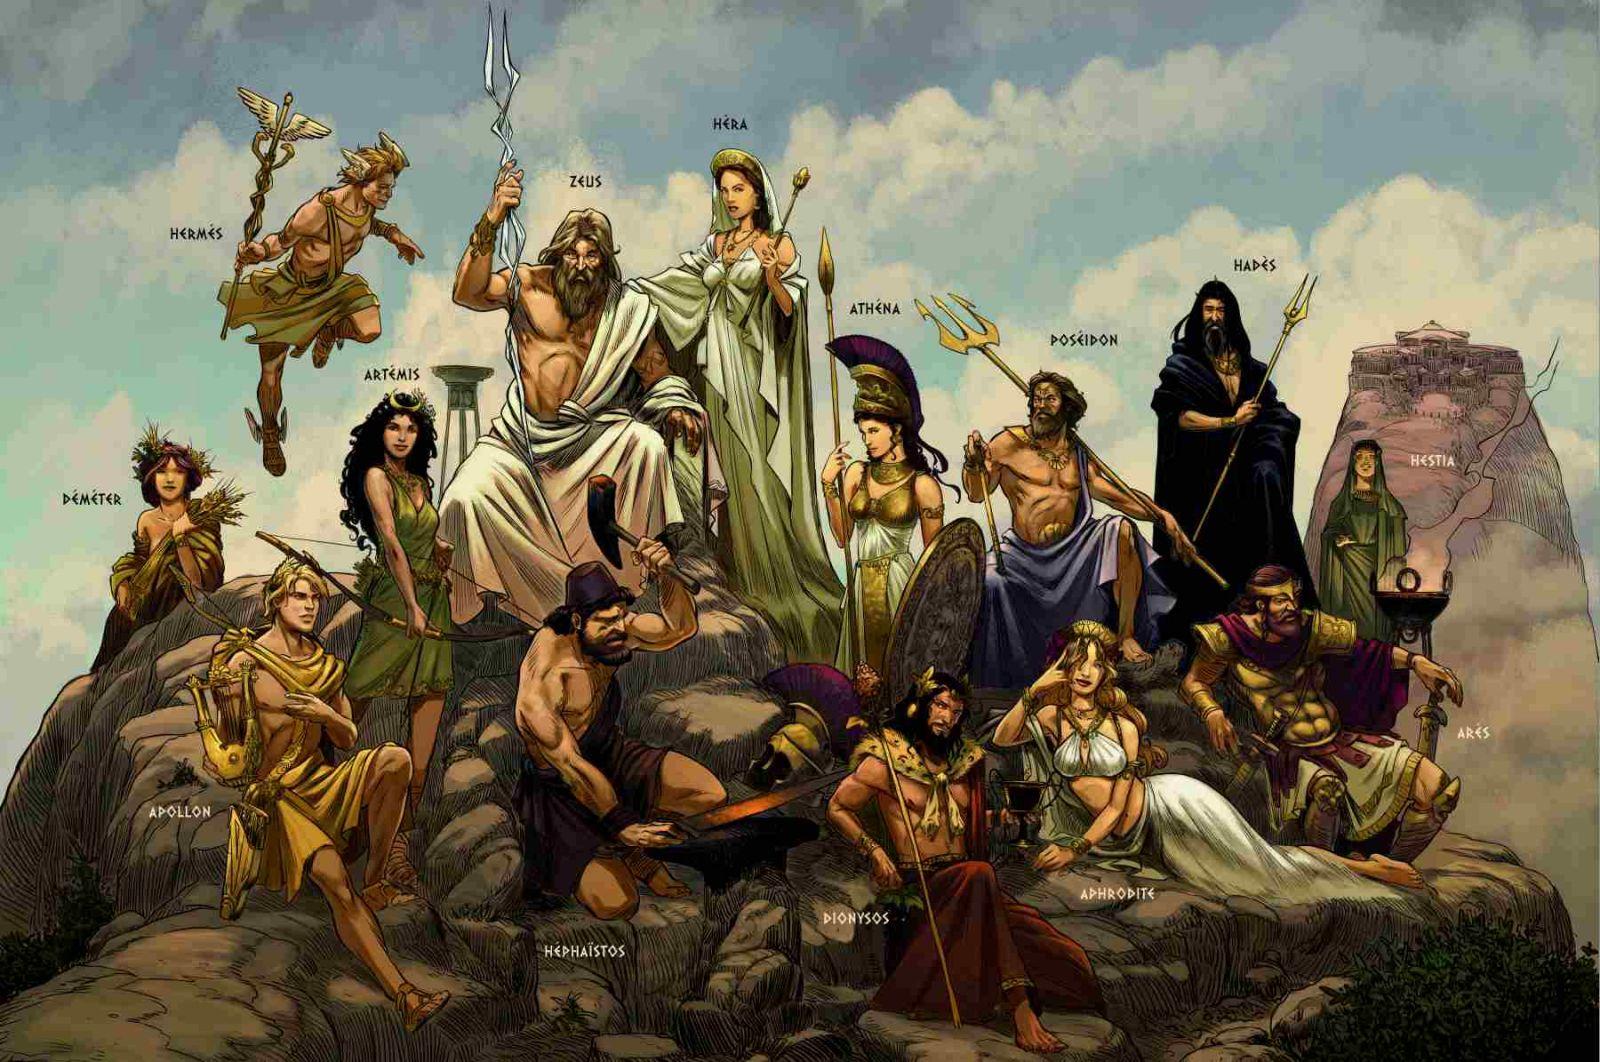 glenat-la-sagesse-des-mythes-luc-ferry-bd-antiquite-grecque-personnages